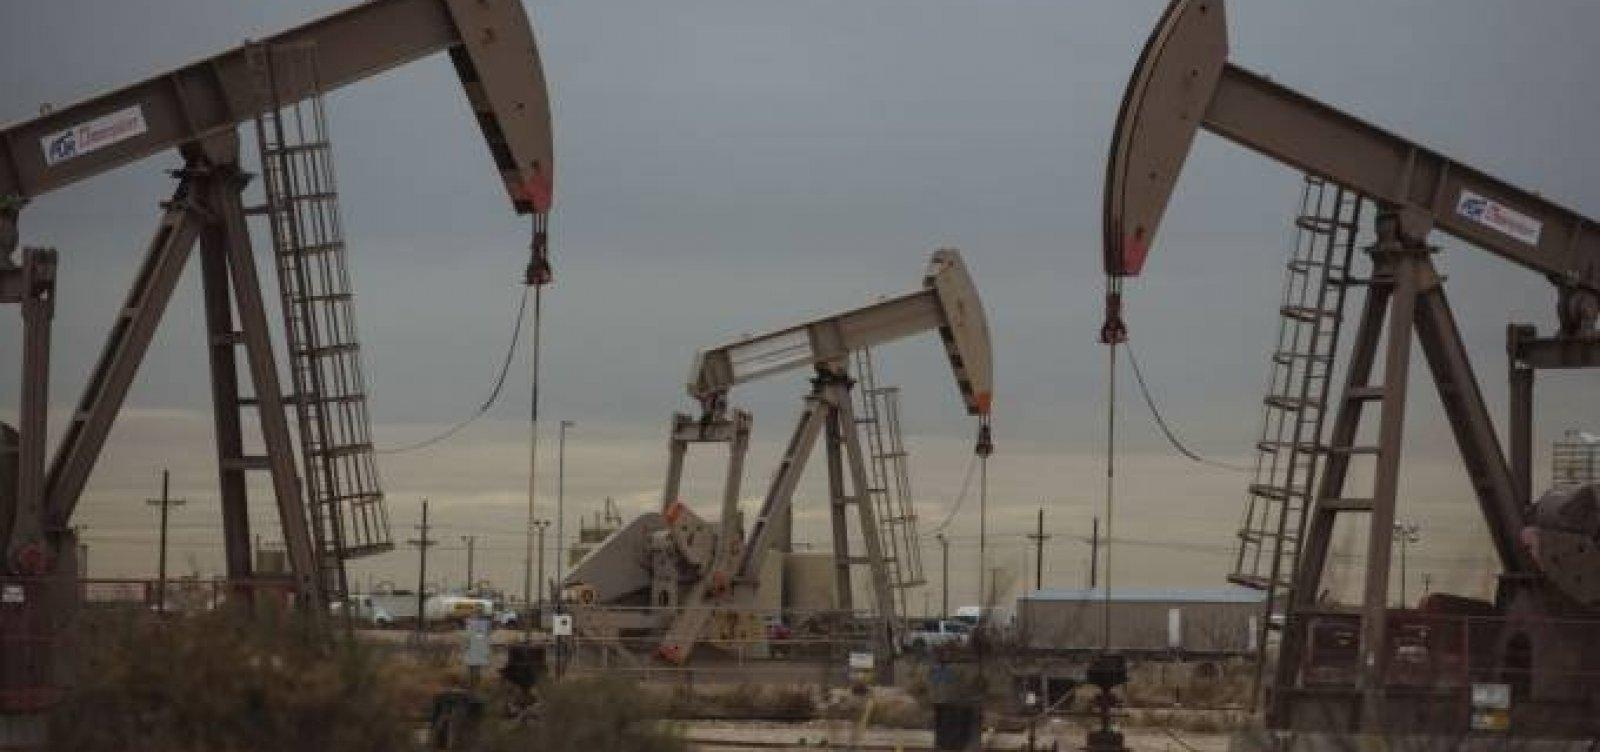 [Preços do petróleo sobem mais de 4% com queda em estoques nos EUA]